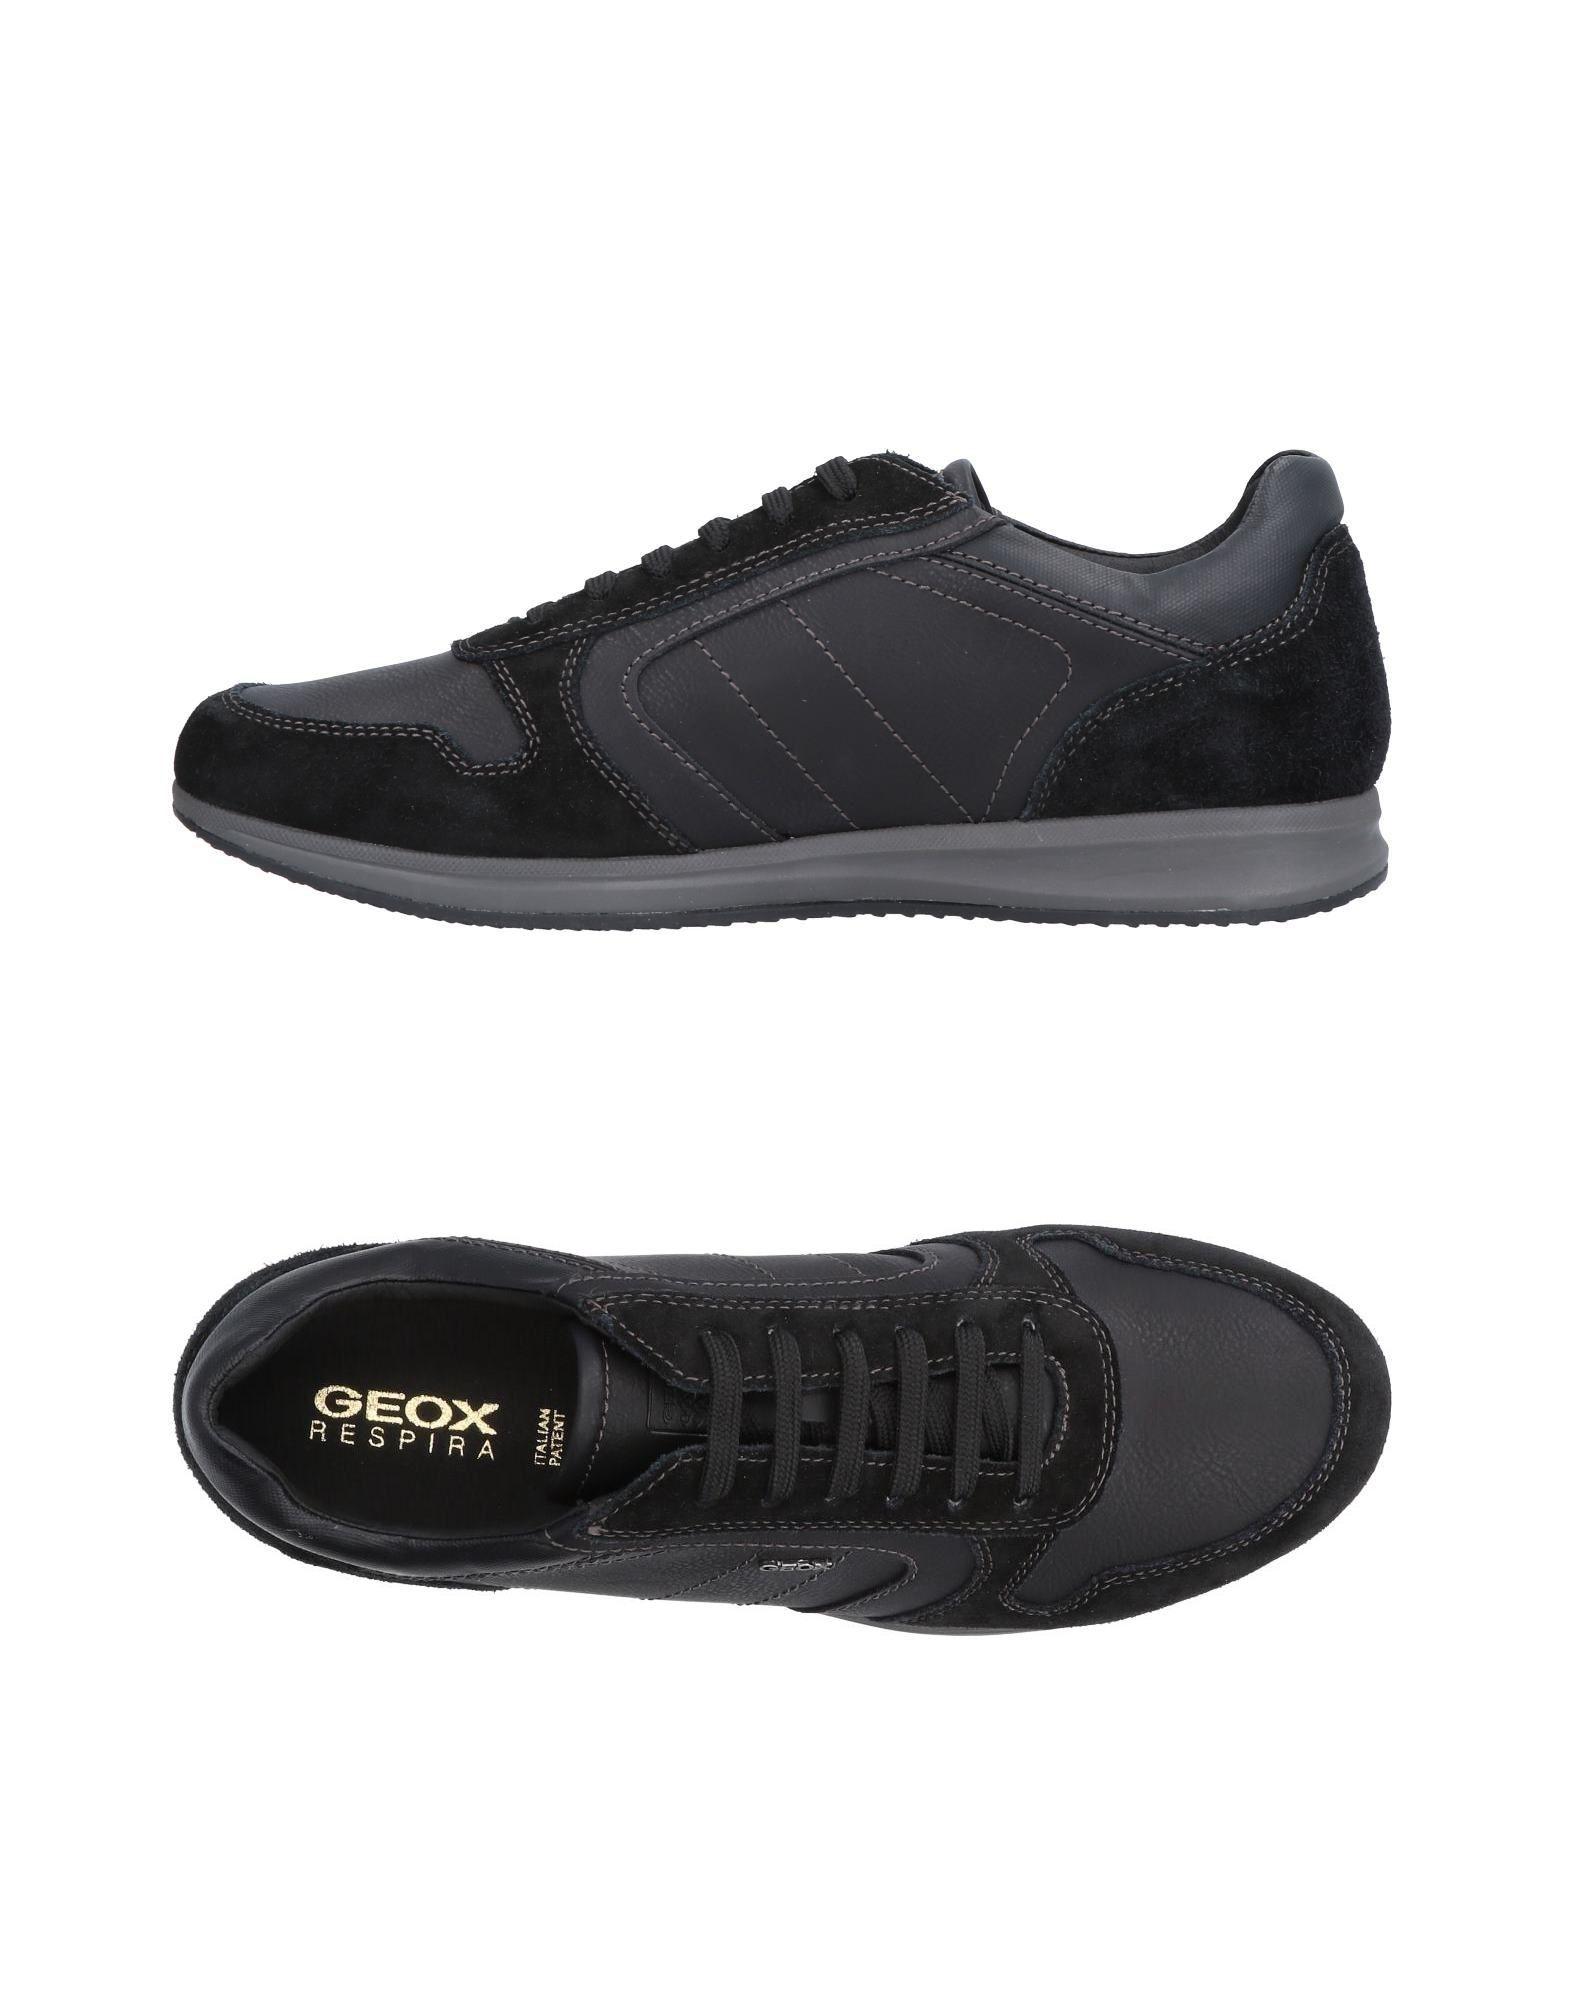 Rabatt Herren echte Schuhe Geox Sneakers Herren Rabatt  11297086EH e6e02a